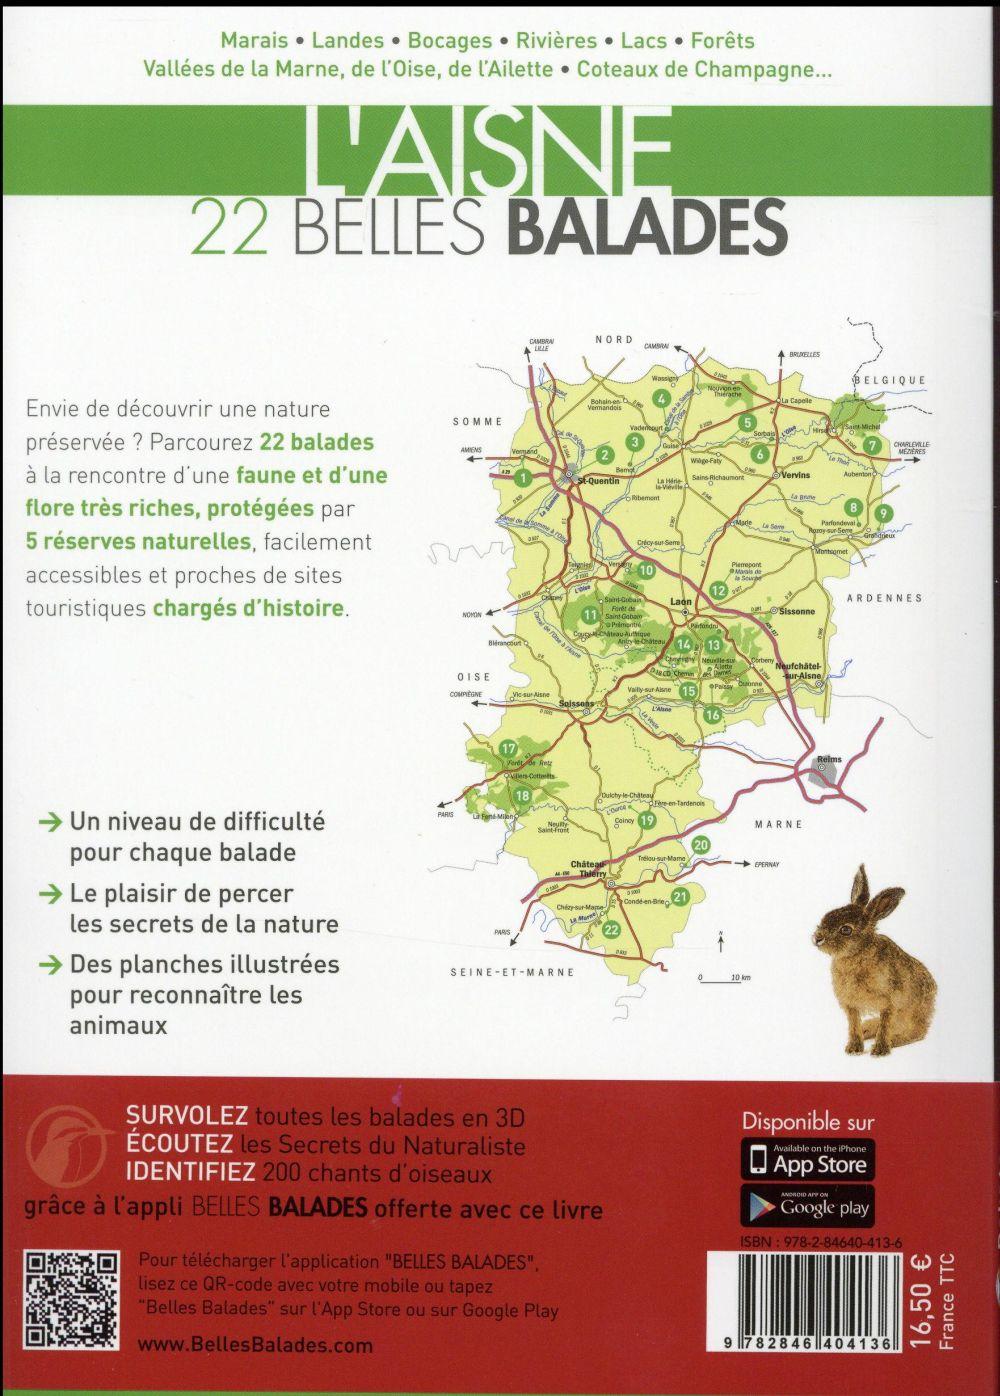 Picardie ; l'Aisne ; 22 belles balades